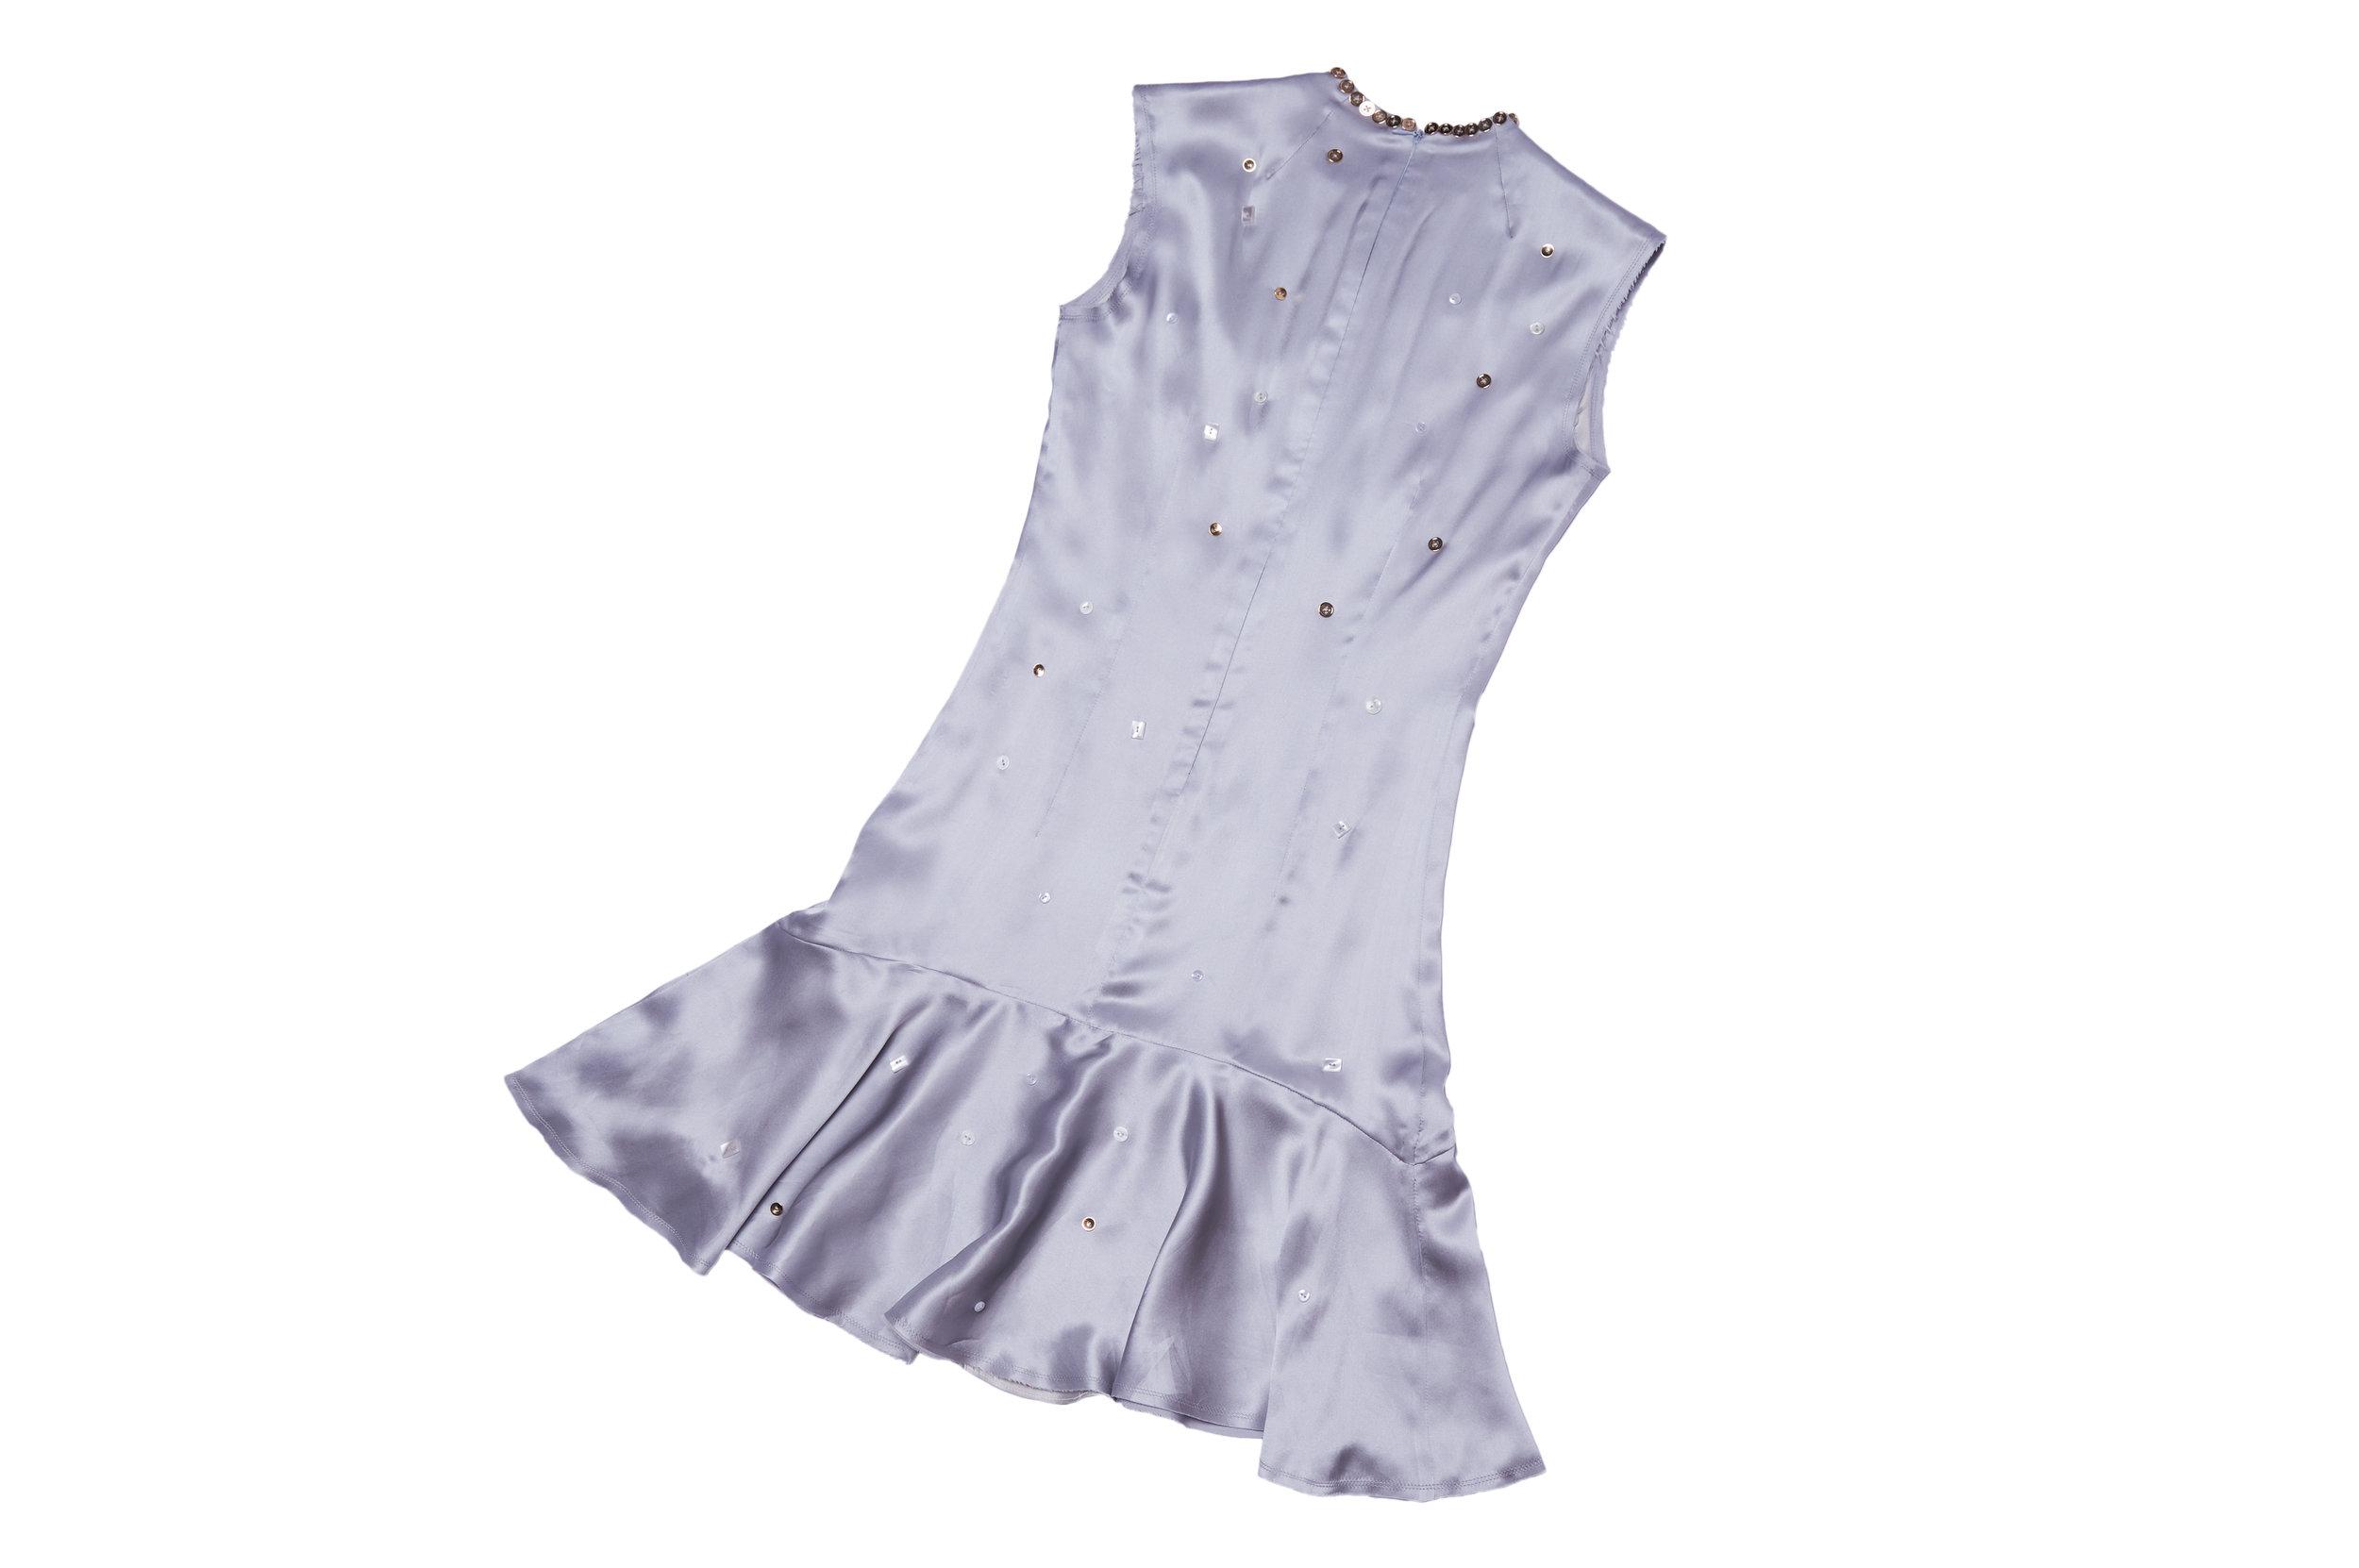 181028-AZAR4211-DRESS 1-A.jpg